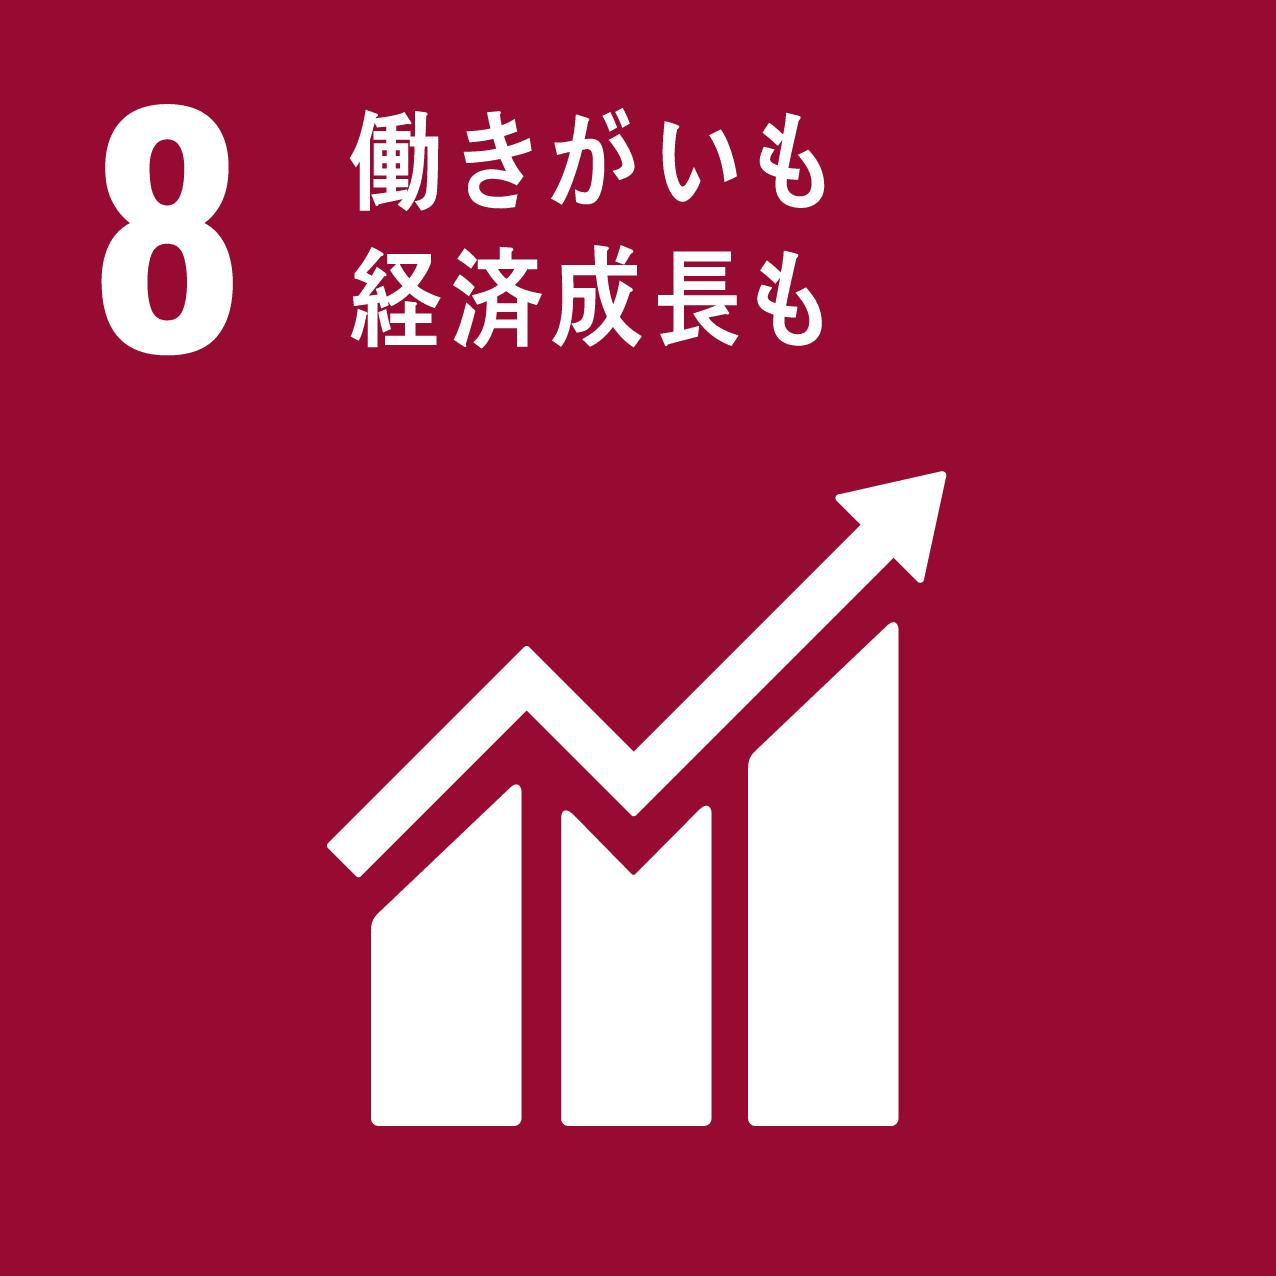 SDGsアイコン8.働きがいも経済成長も